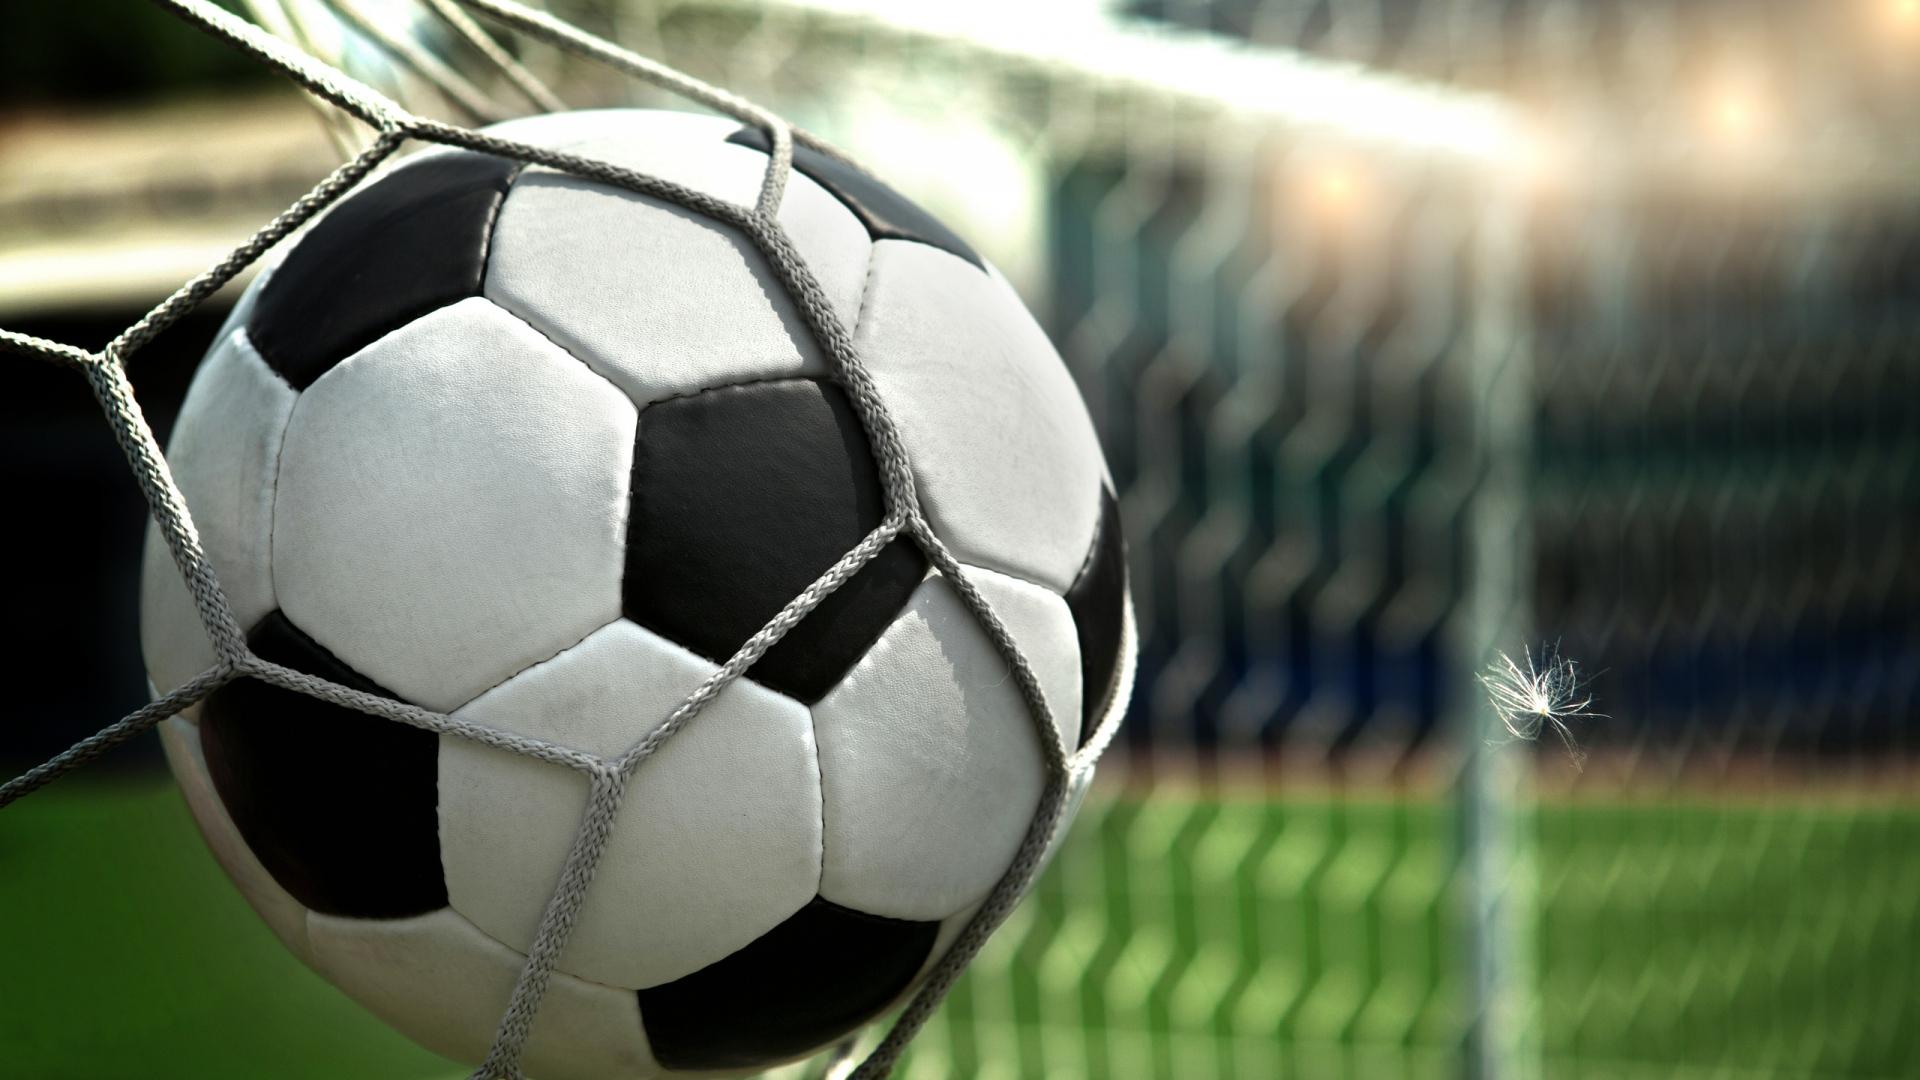 Download Wallpaper 1920x1080 Feather Football Goal Ball Net Full